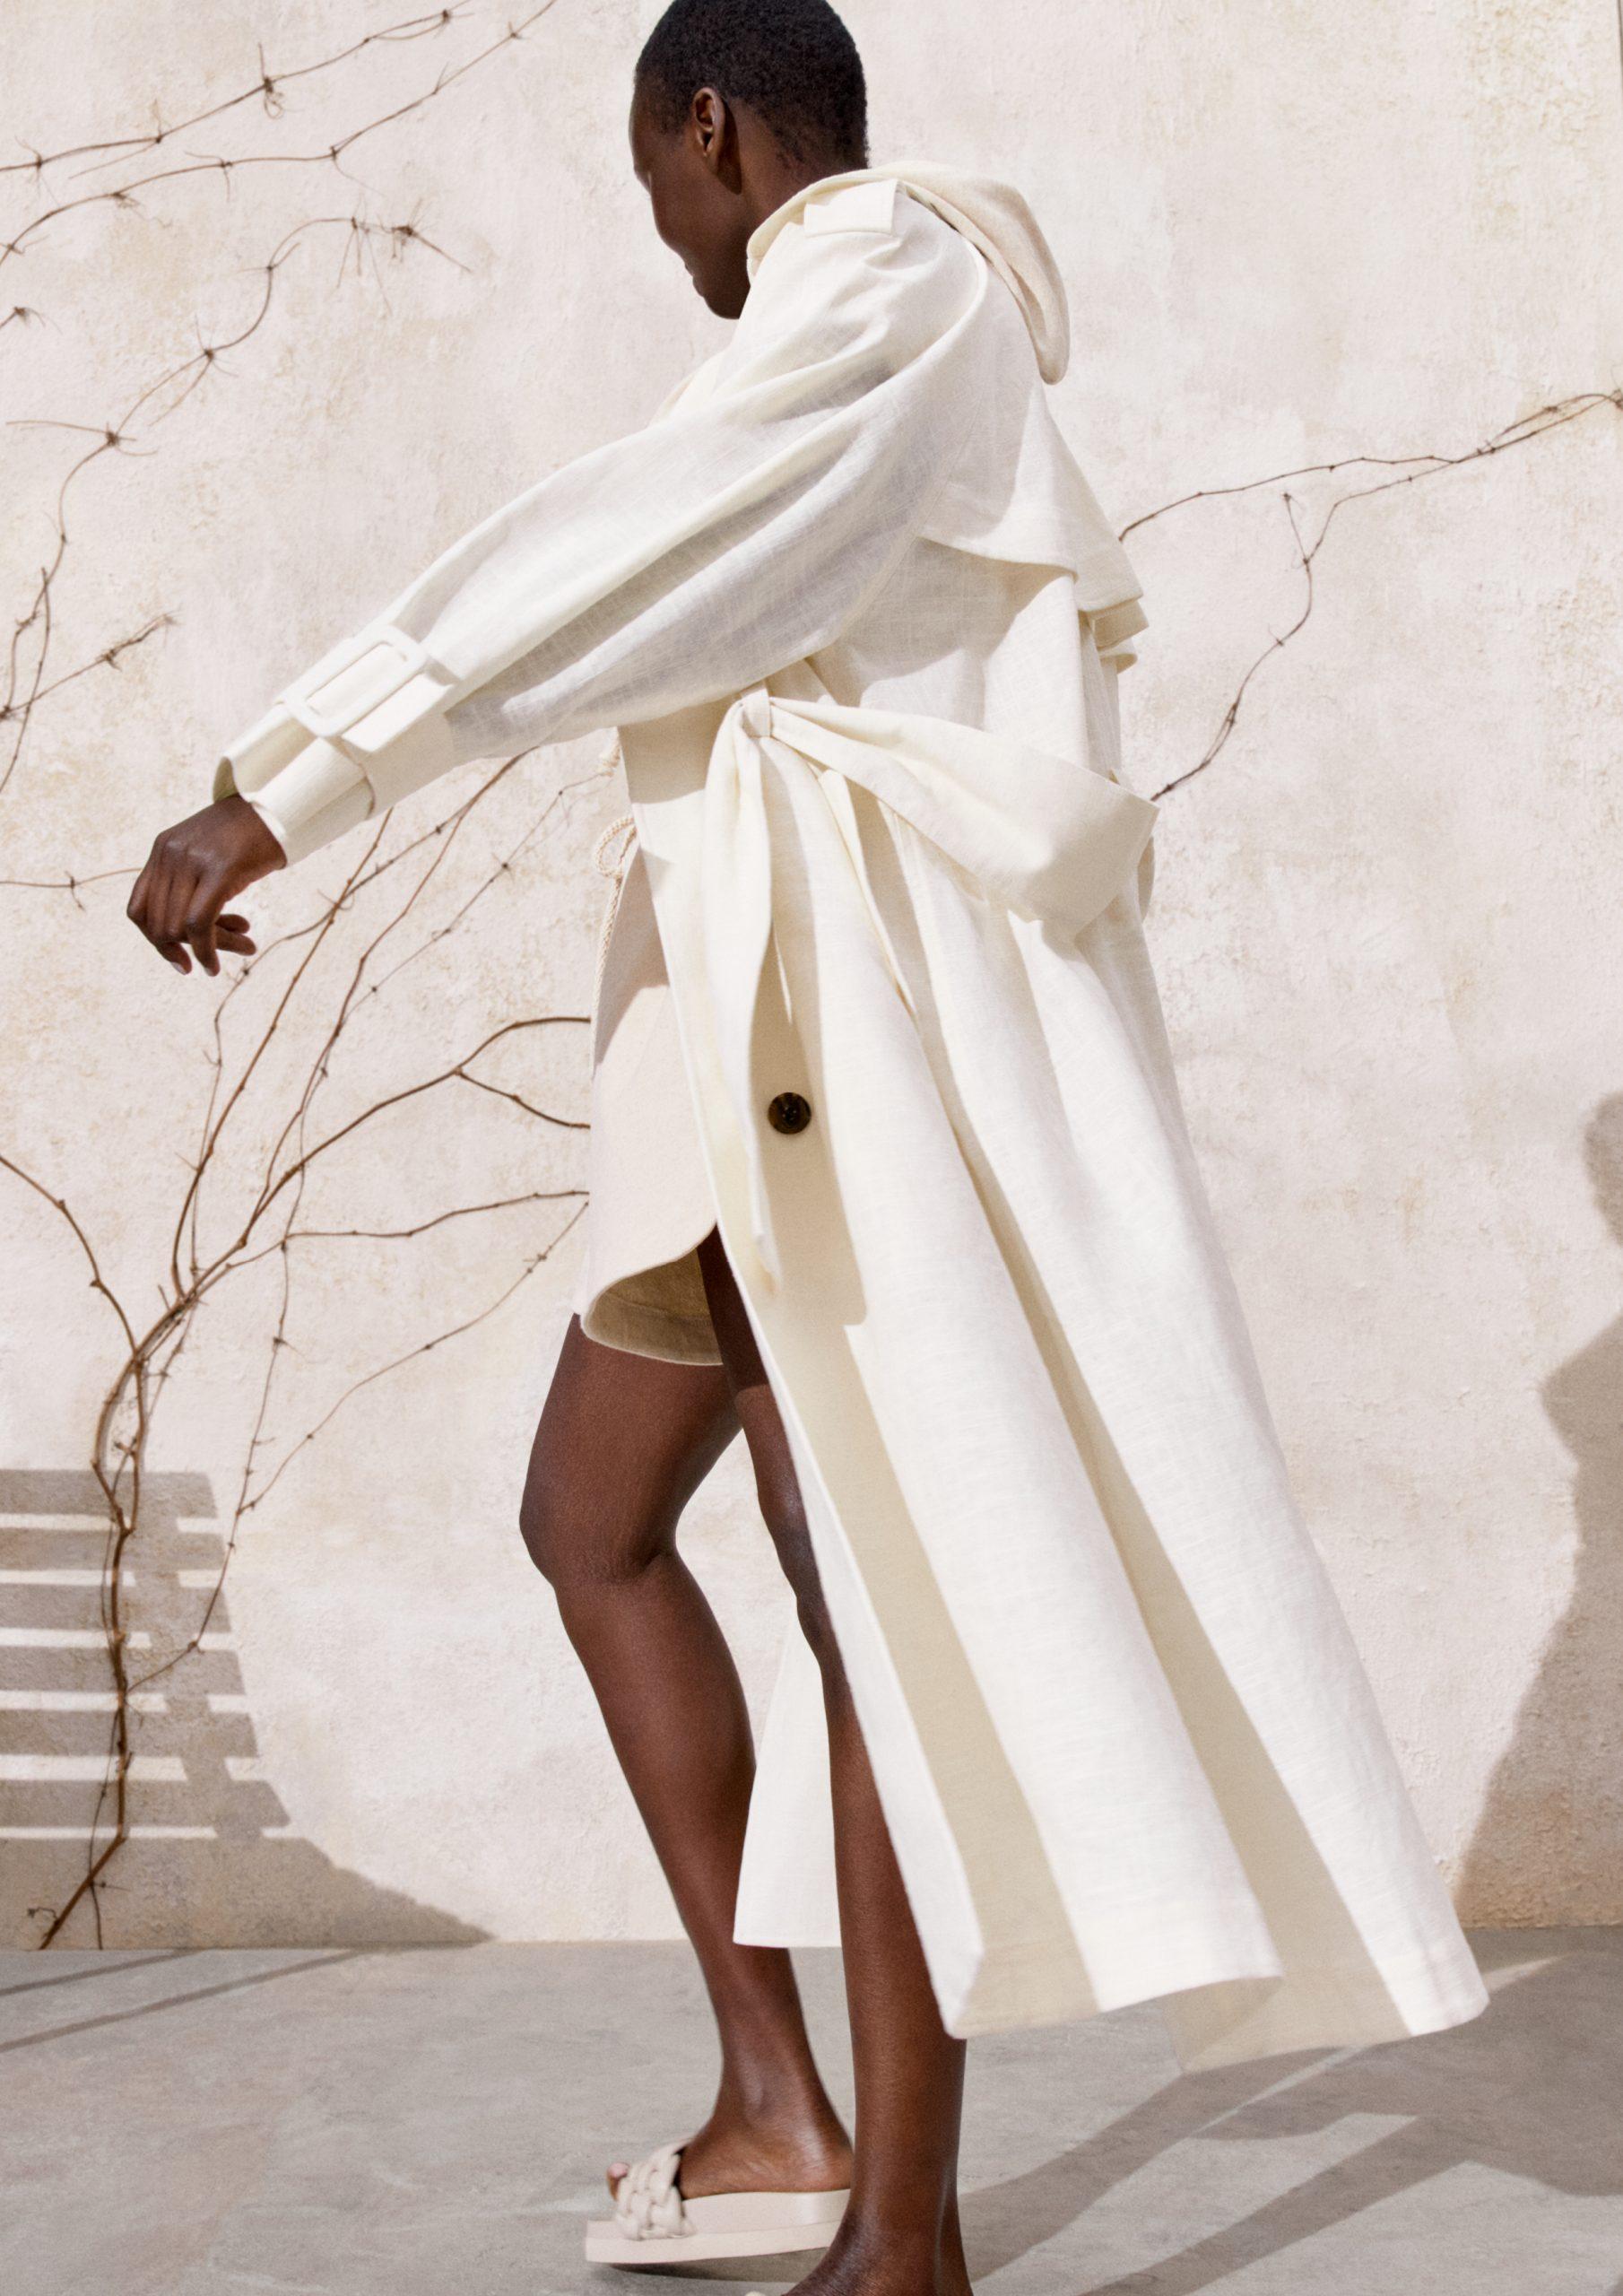 1103-Spring-Fashion-Portrait-Campaign-Images-300ppi-12